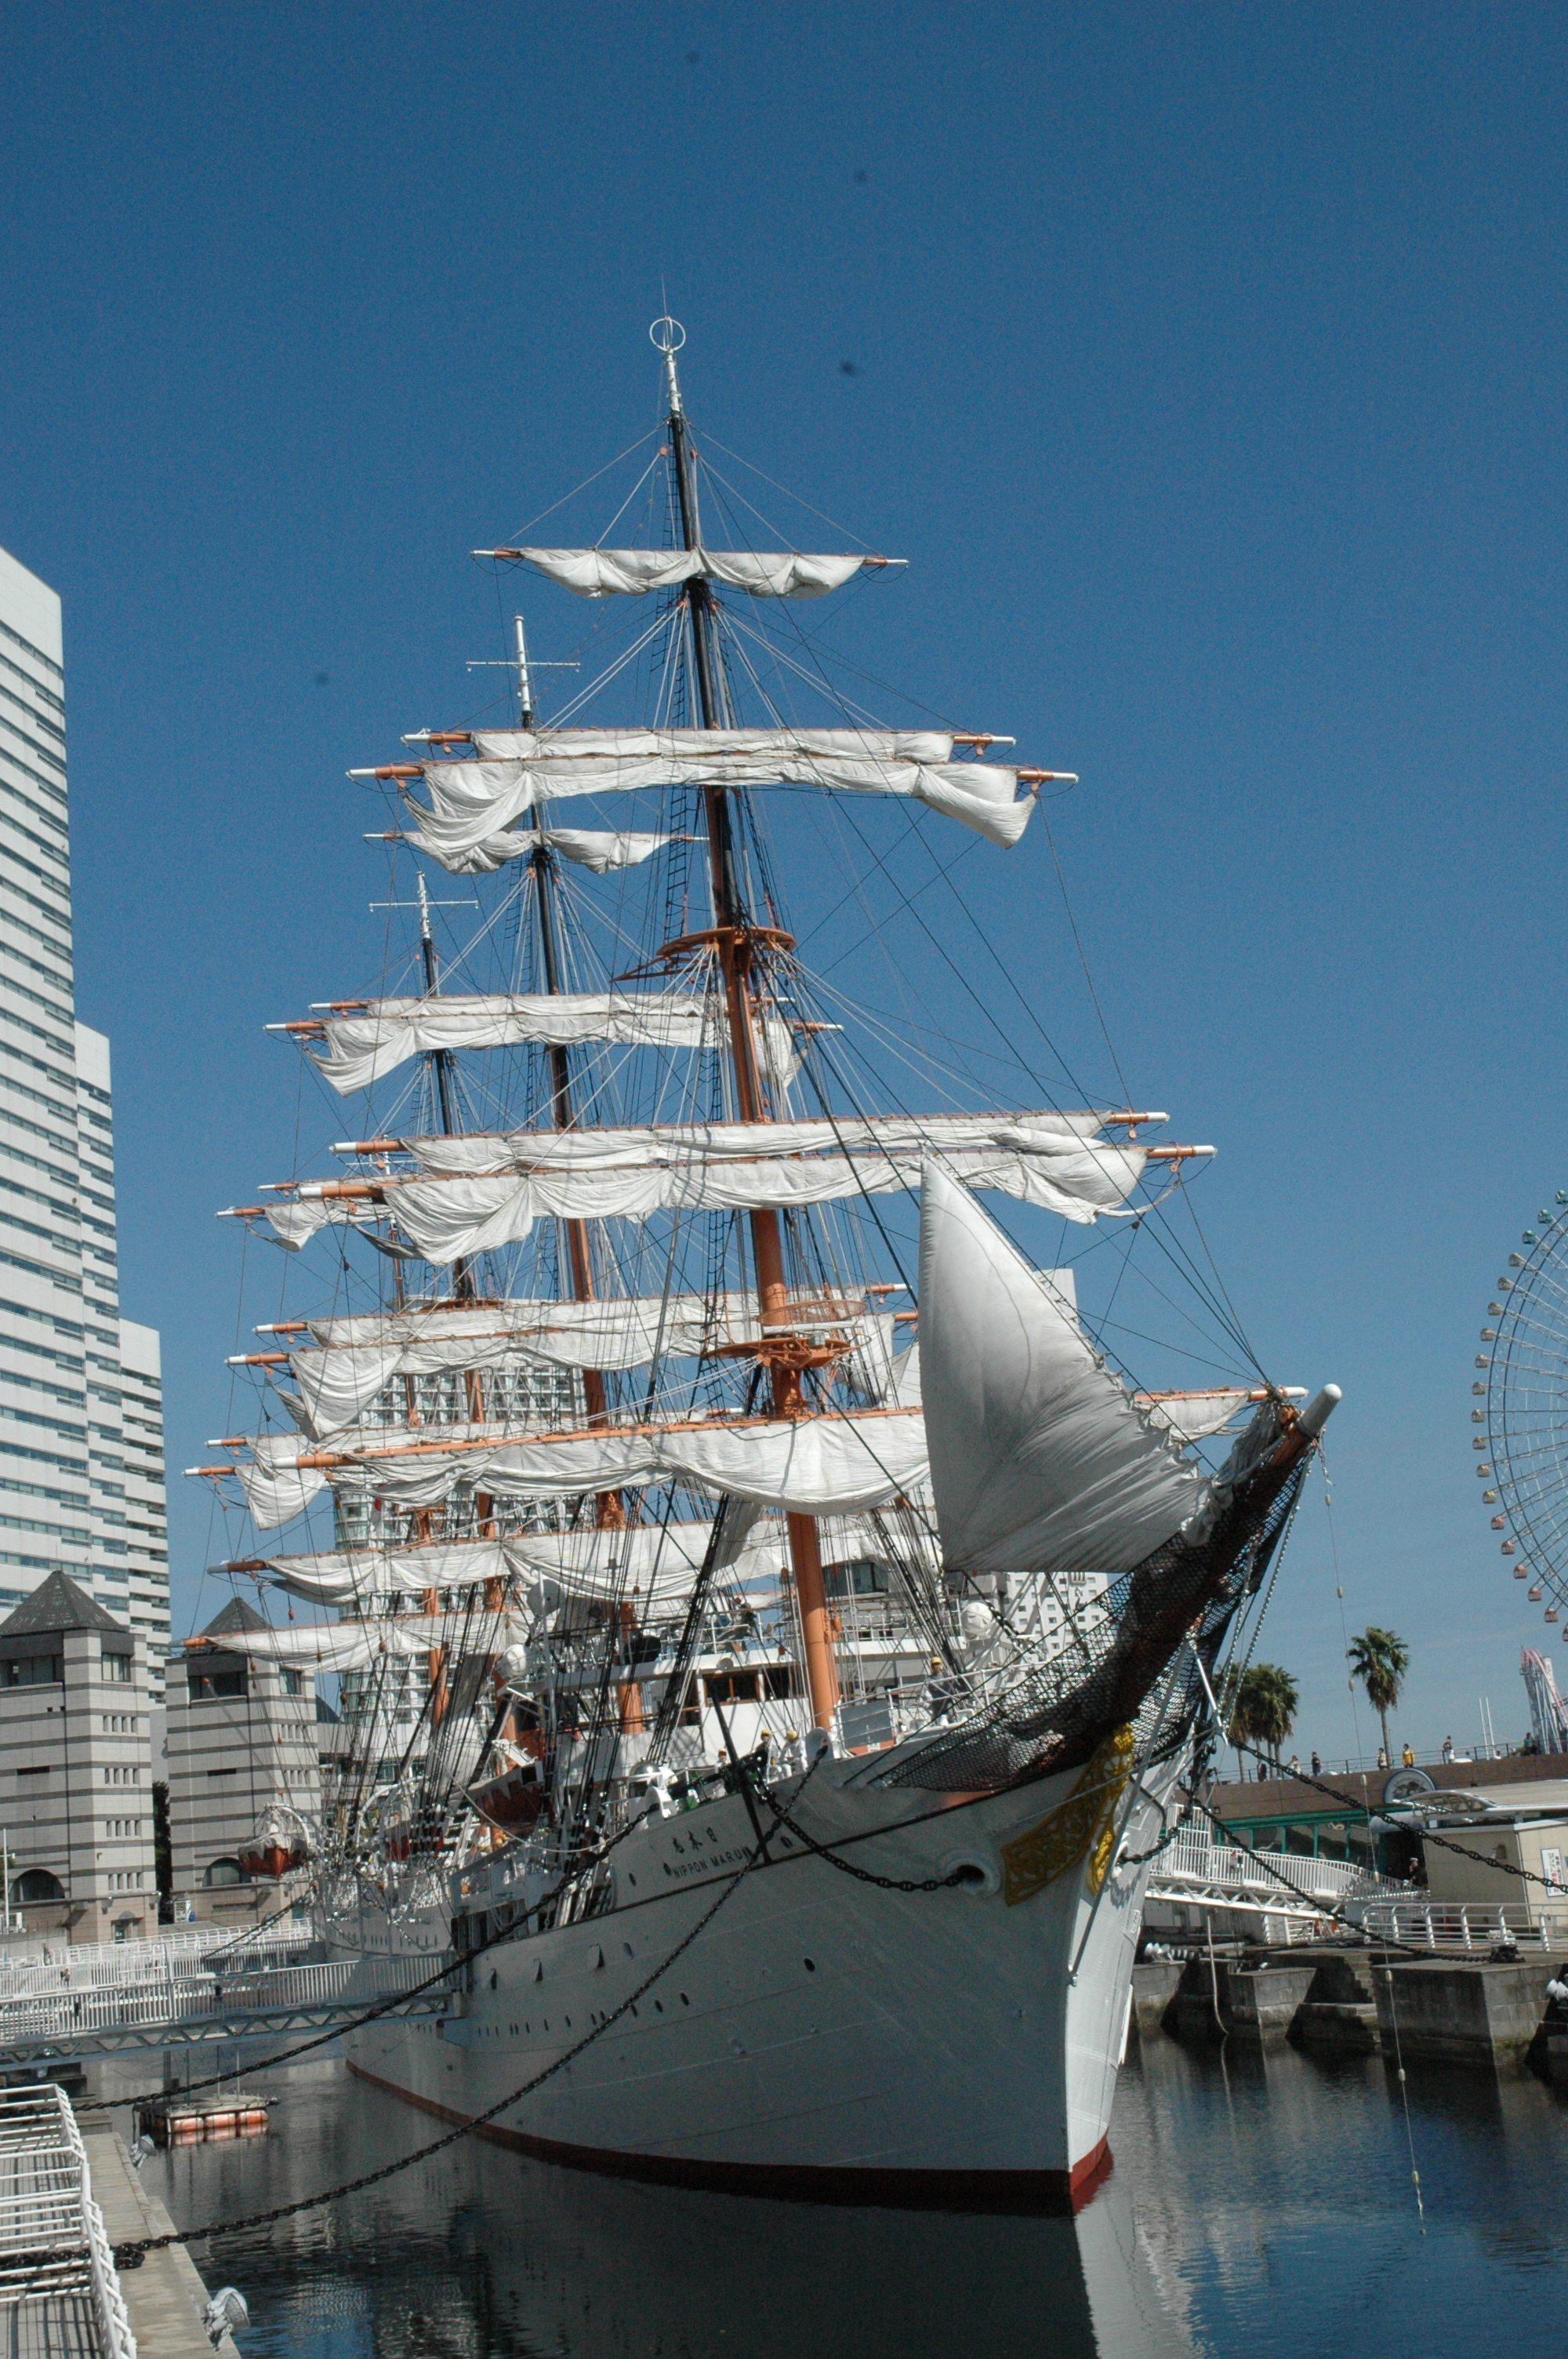 総帆展帆・満船飾 | 帆船日本丸・横浜みなと博物館